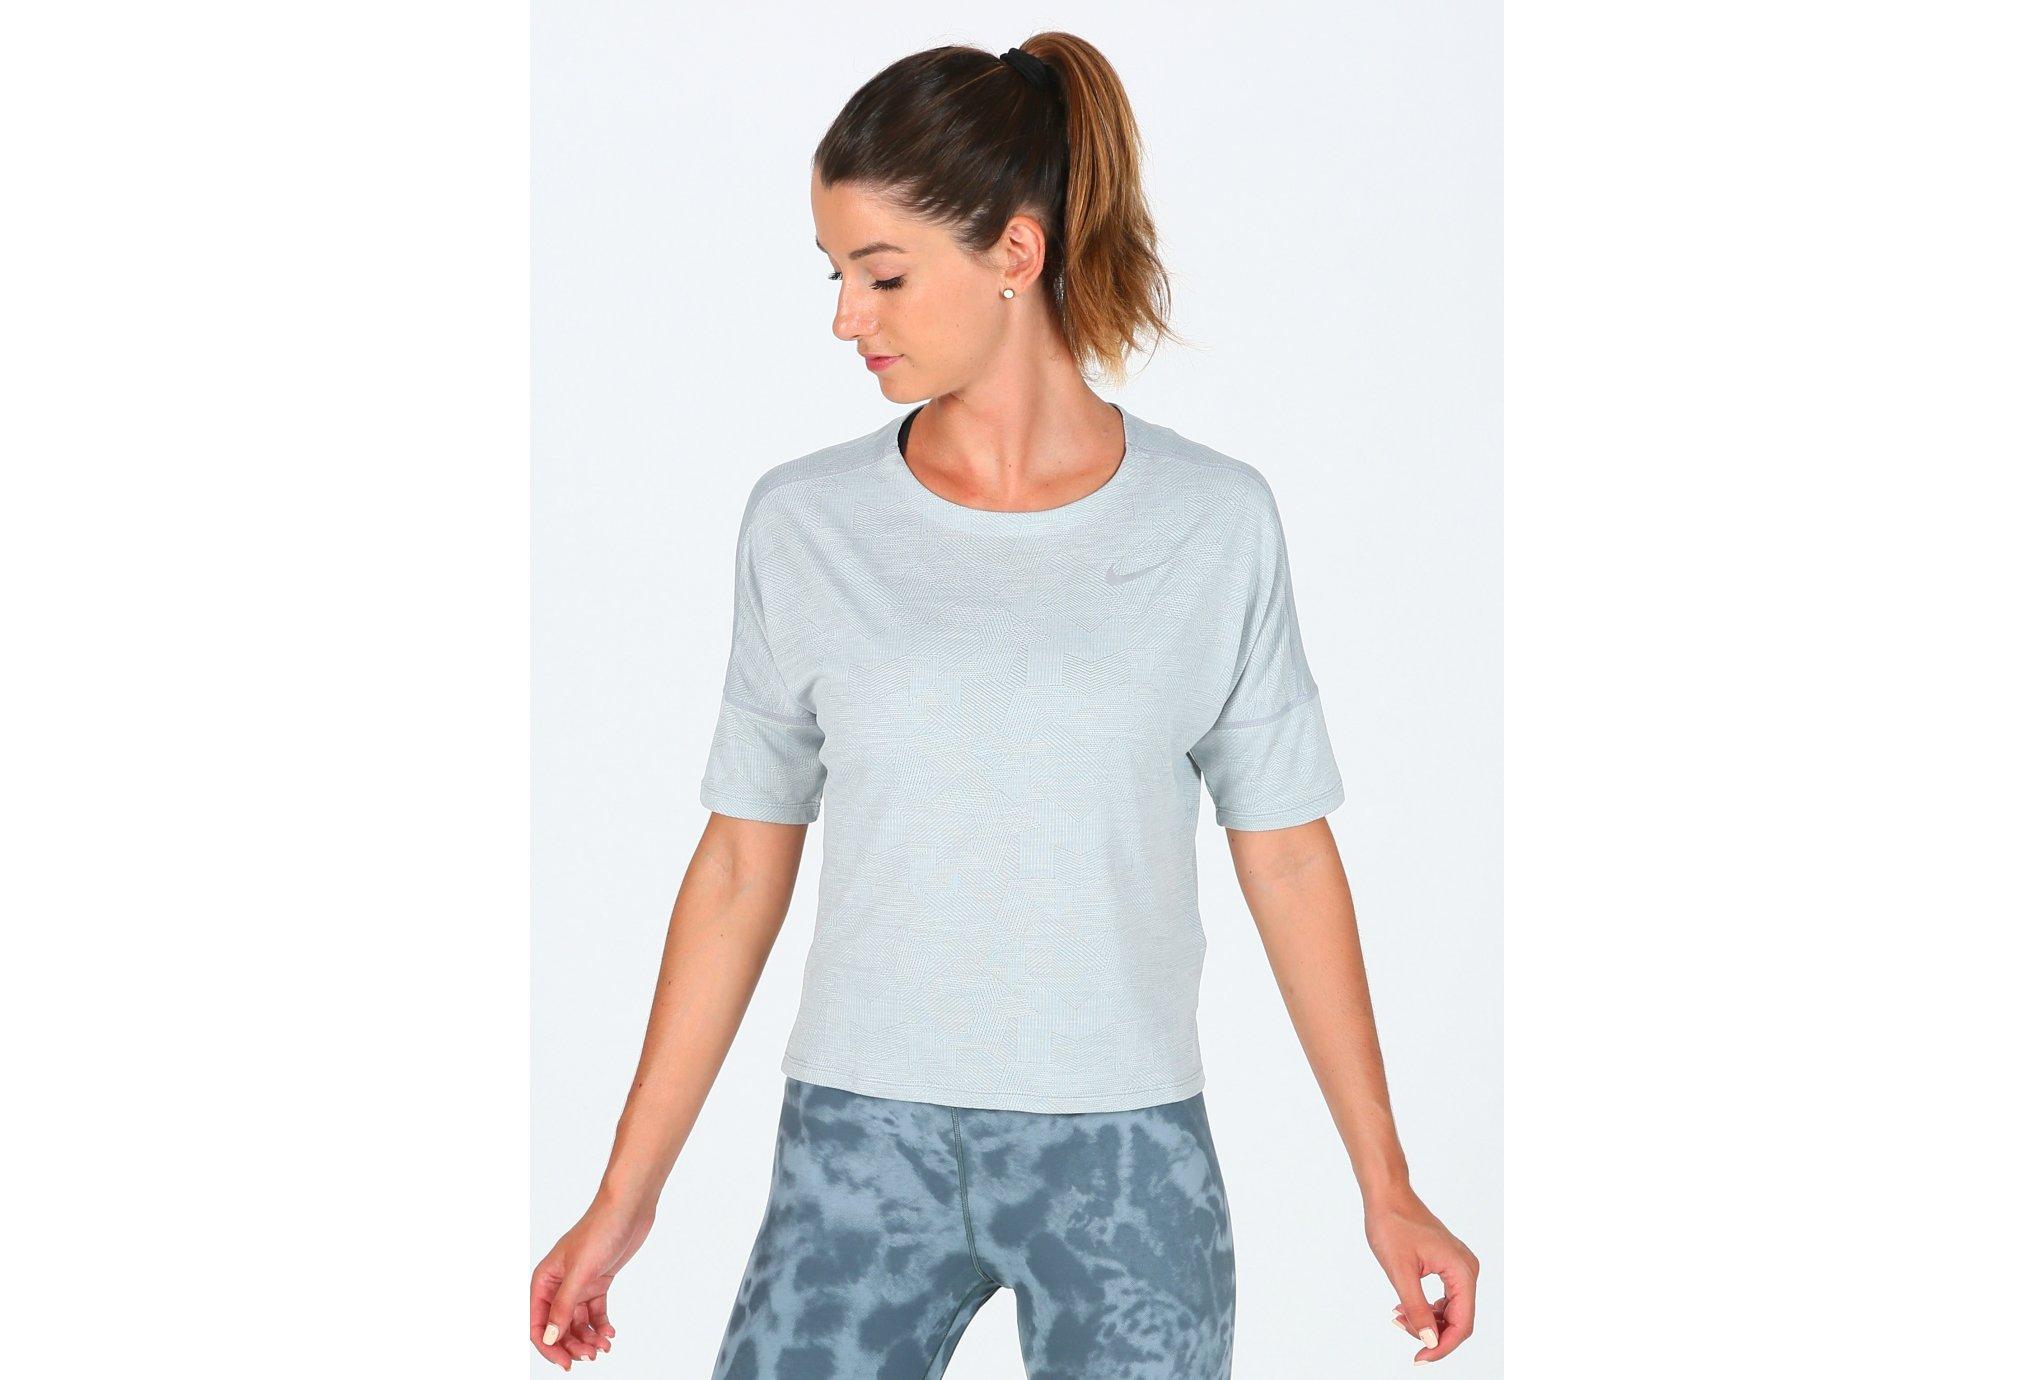 Nike Dri-fit Medalist W vêtement running femme